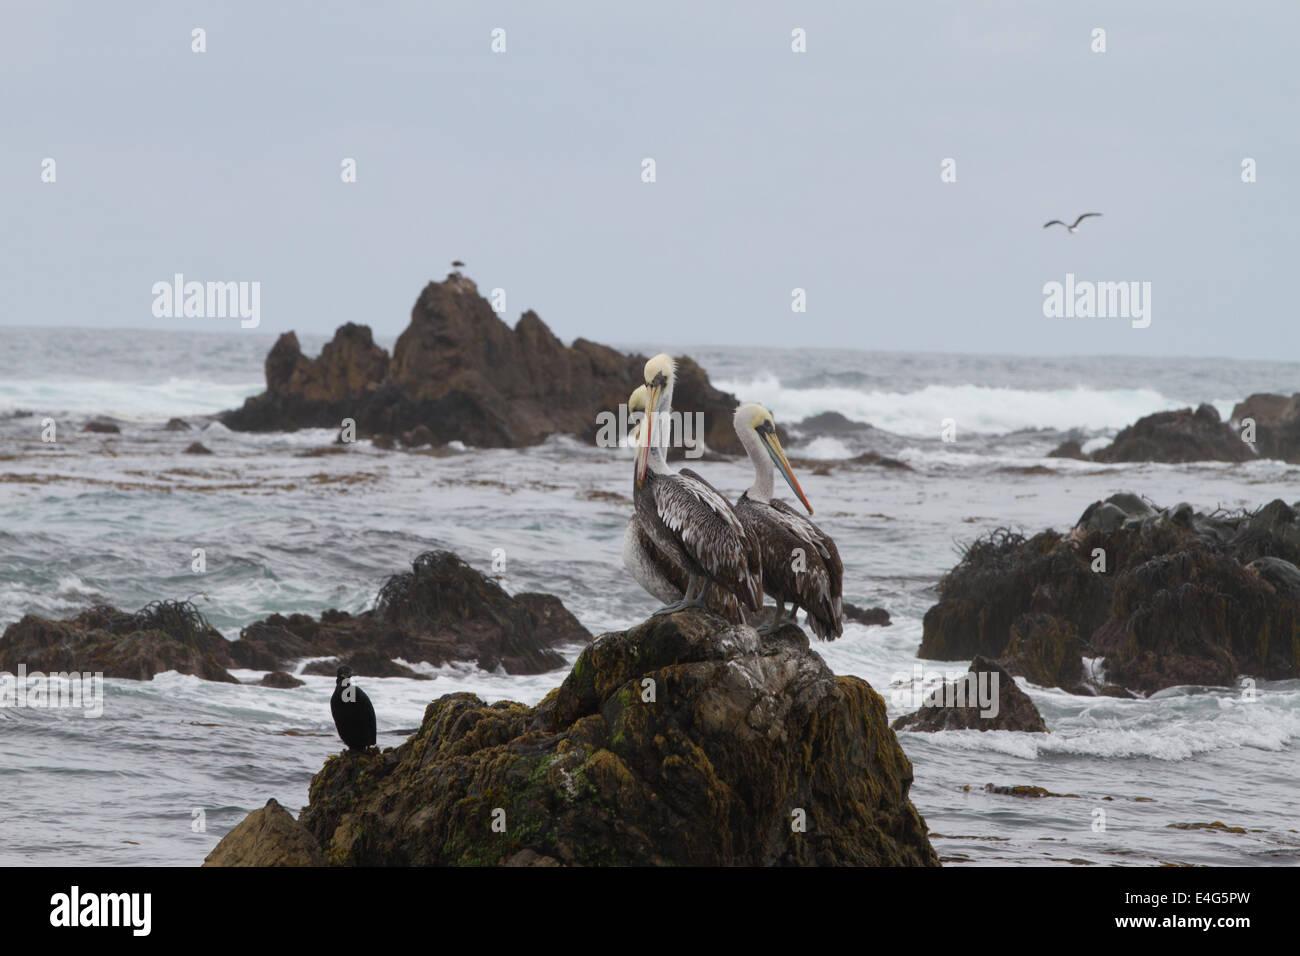 Pelicans on rock at Punta de Choros, La Serena, Chile Stock Photo